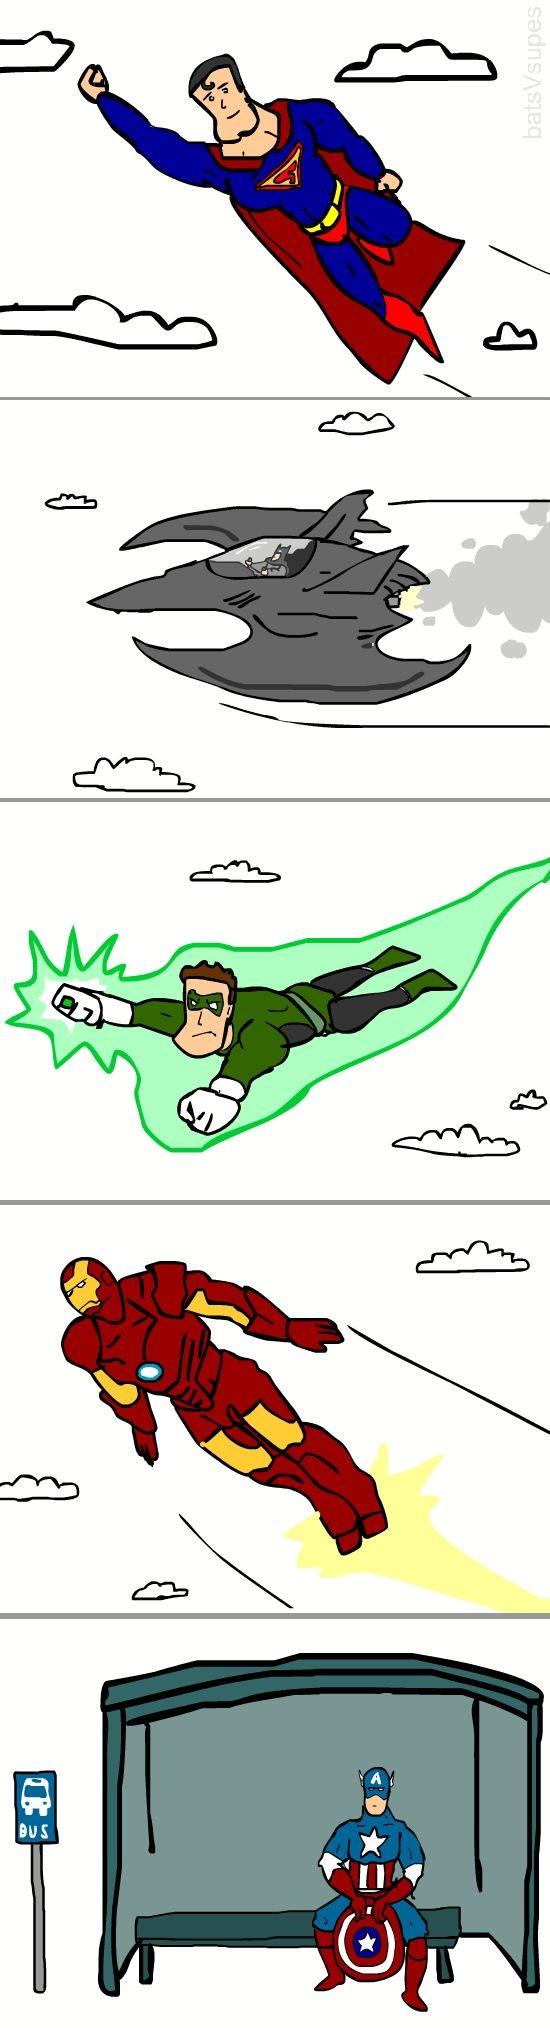 Не все супергерои одинаково полезны